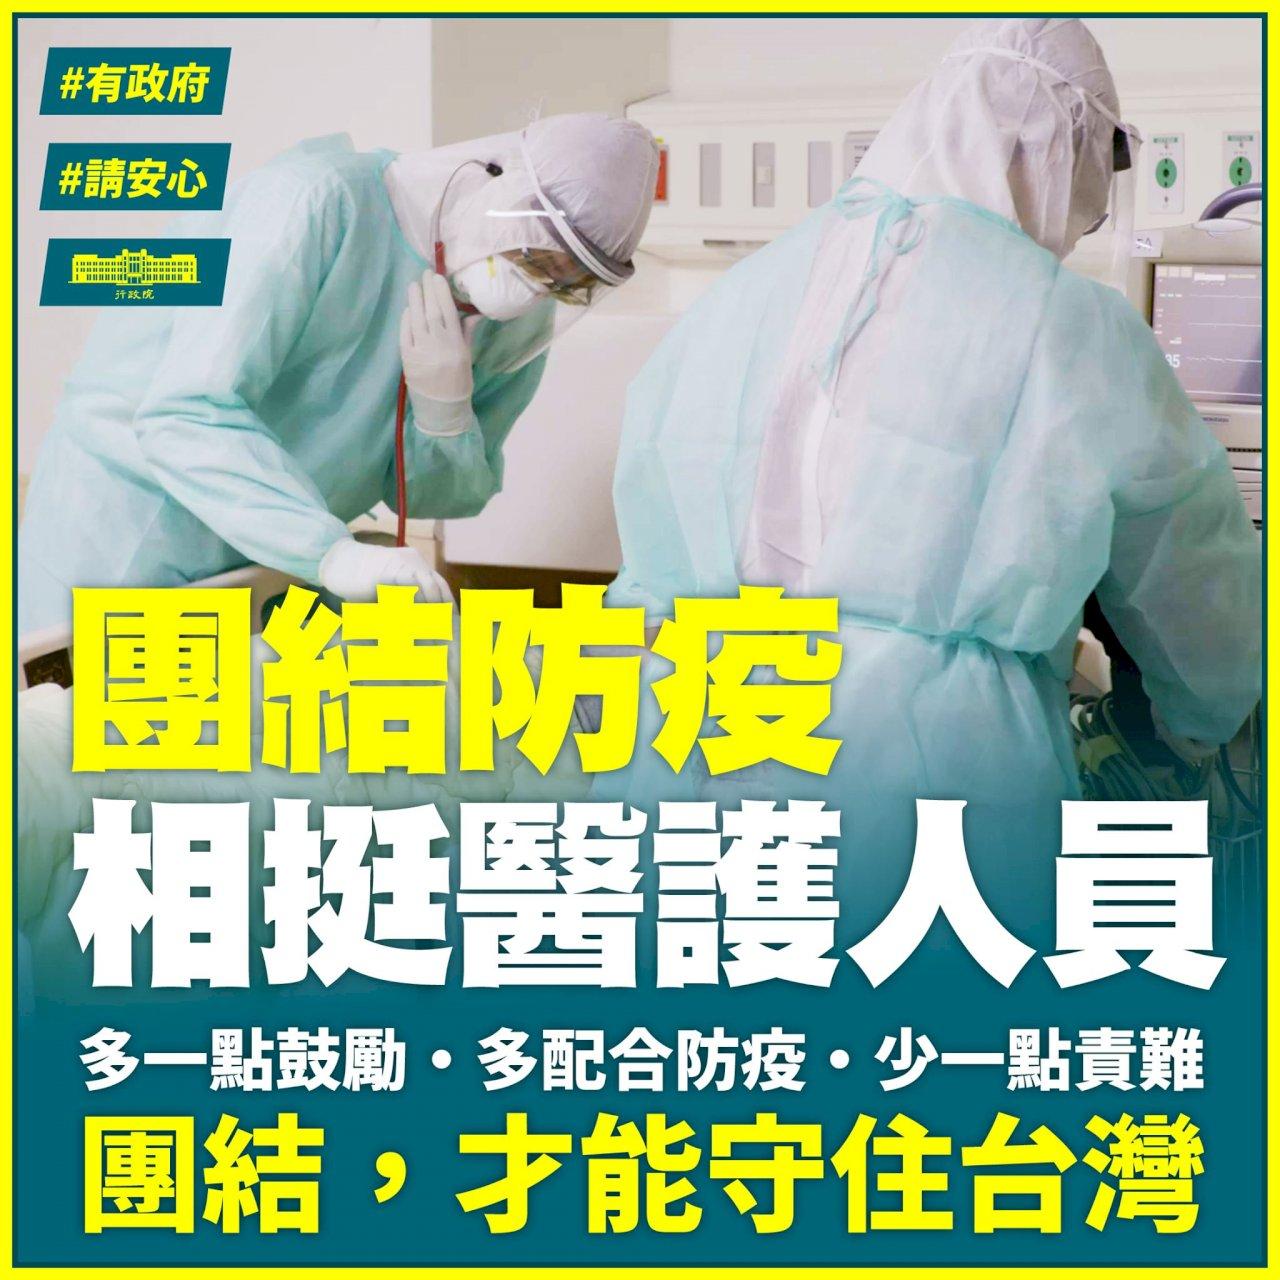 醫師、護理師染疫 蘇貞昌籲多給醫護鼓勵、少責難